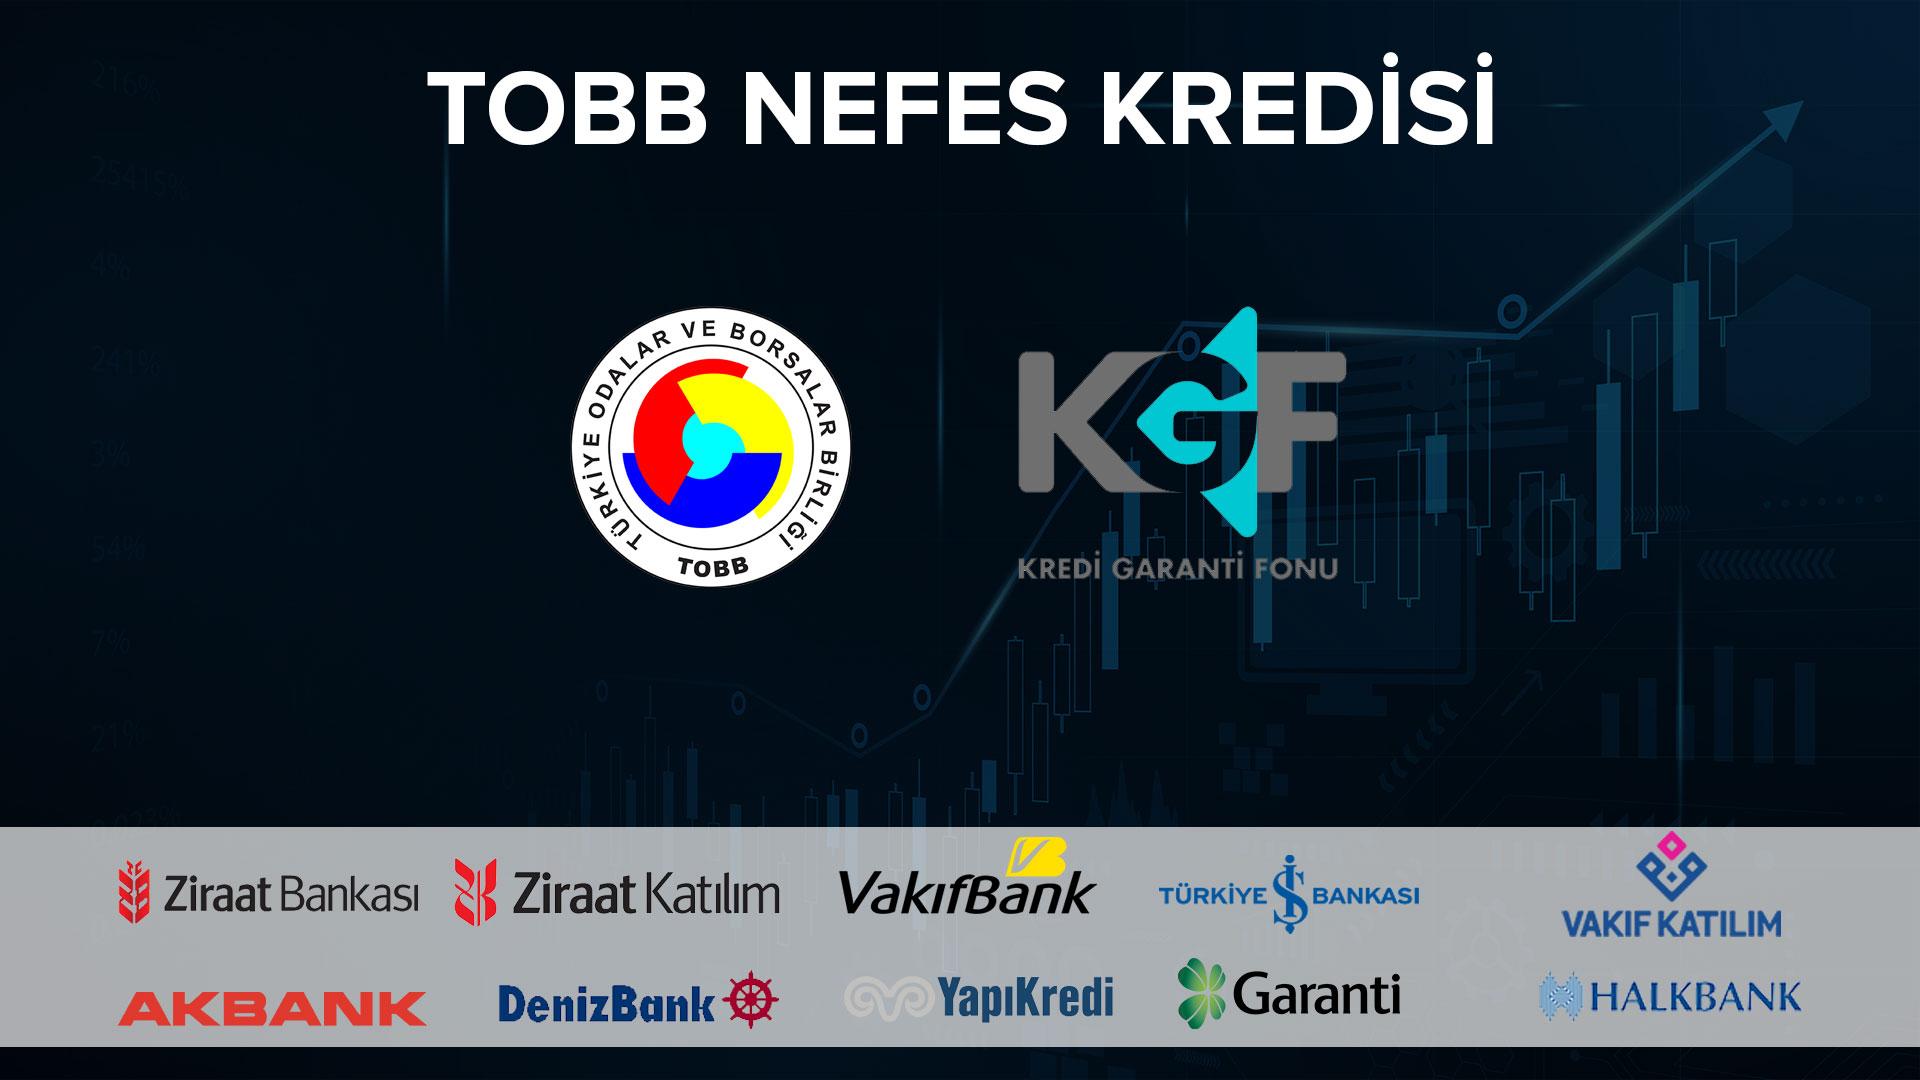 TOBB NEFES KREDİSİ'NDE DEĞİŞİKLİK YAPTI